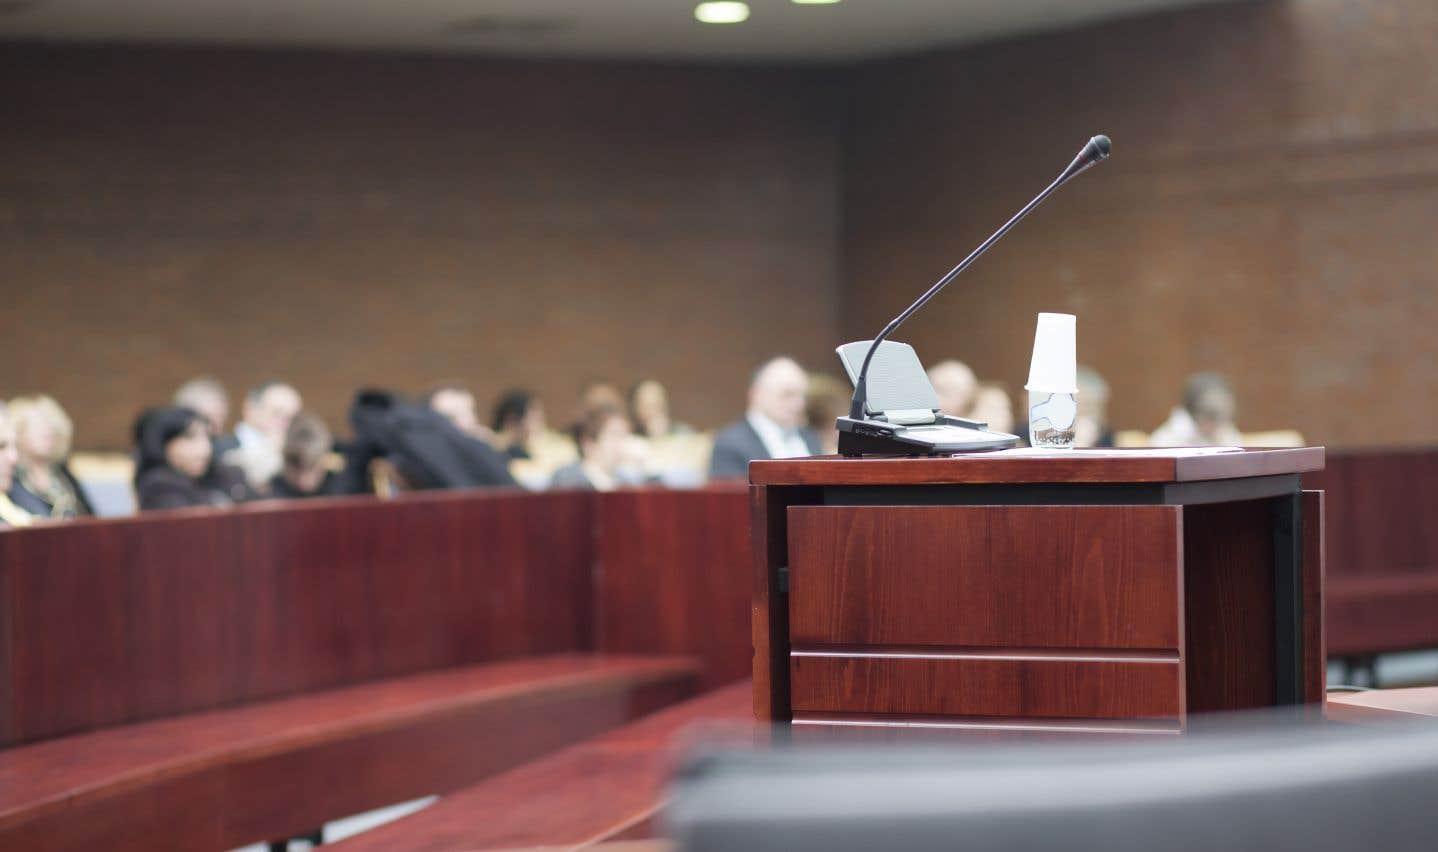 Le défi de la justice pénale face aux agressions sexuelles